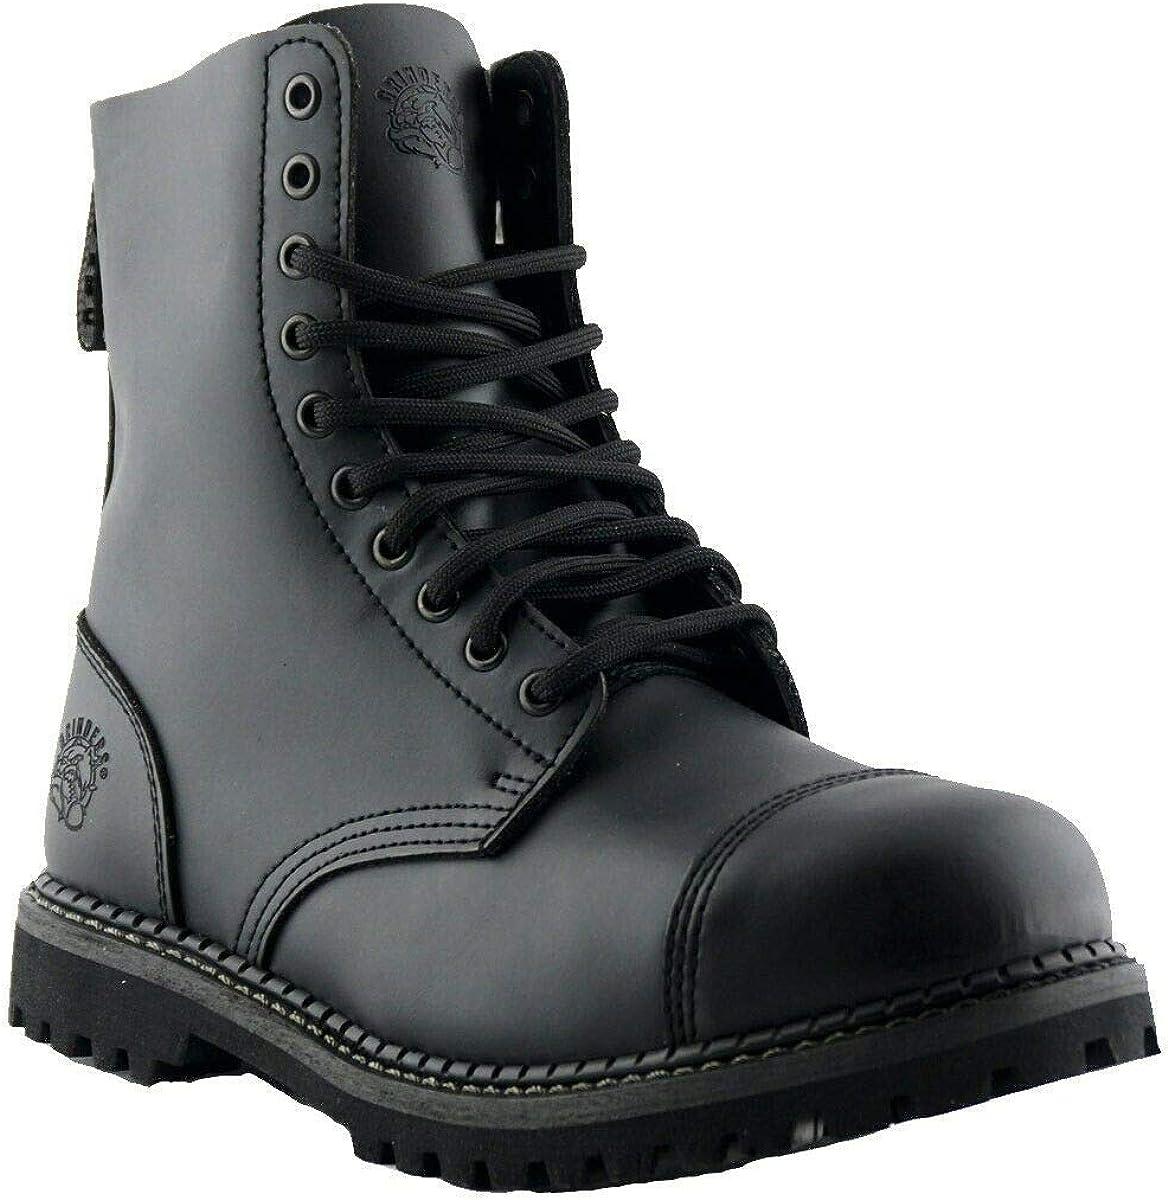 Grinders Stag CS Unisex Black Leather